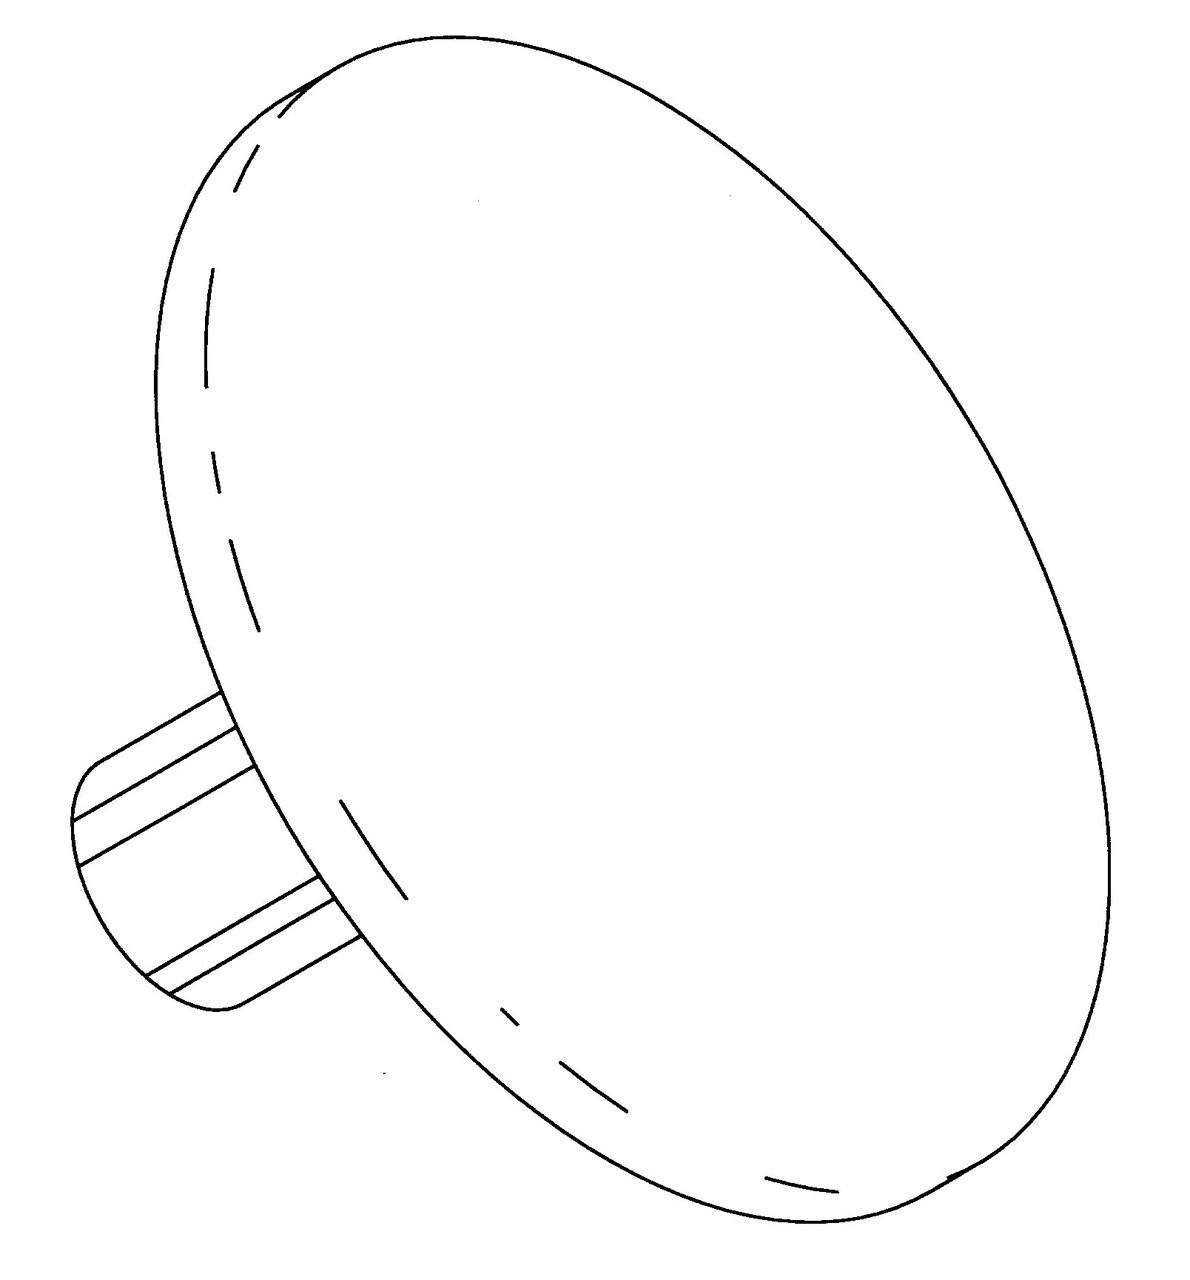 Berkel Spacer Plug - US14-24